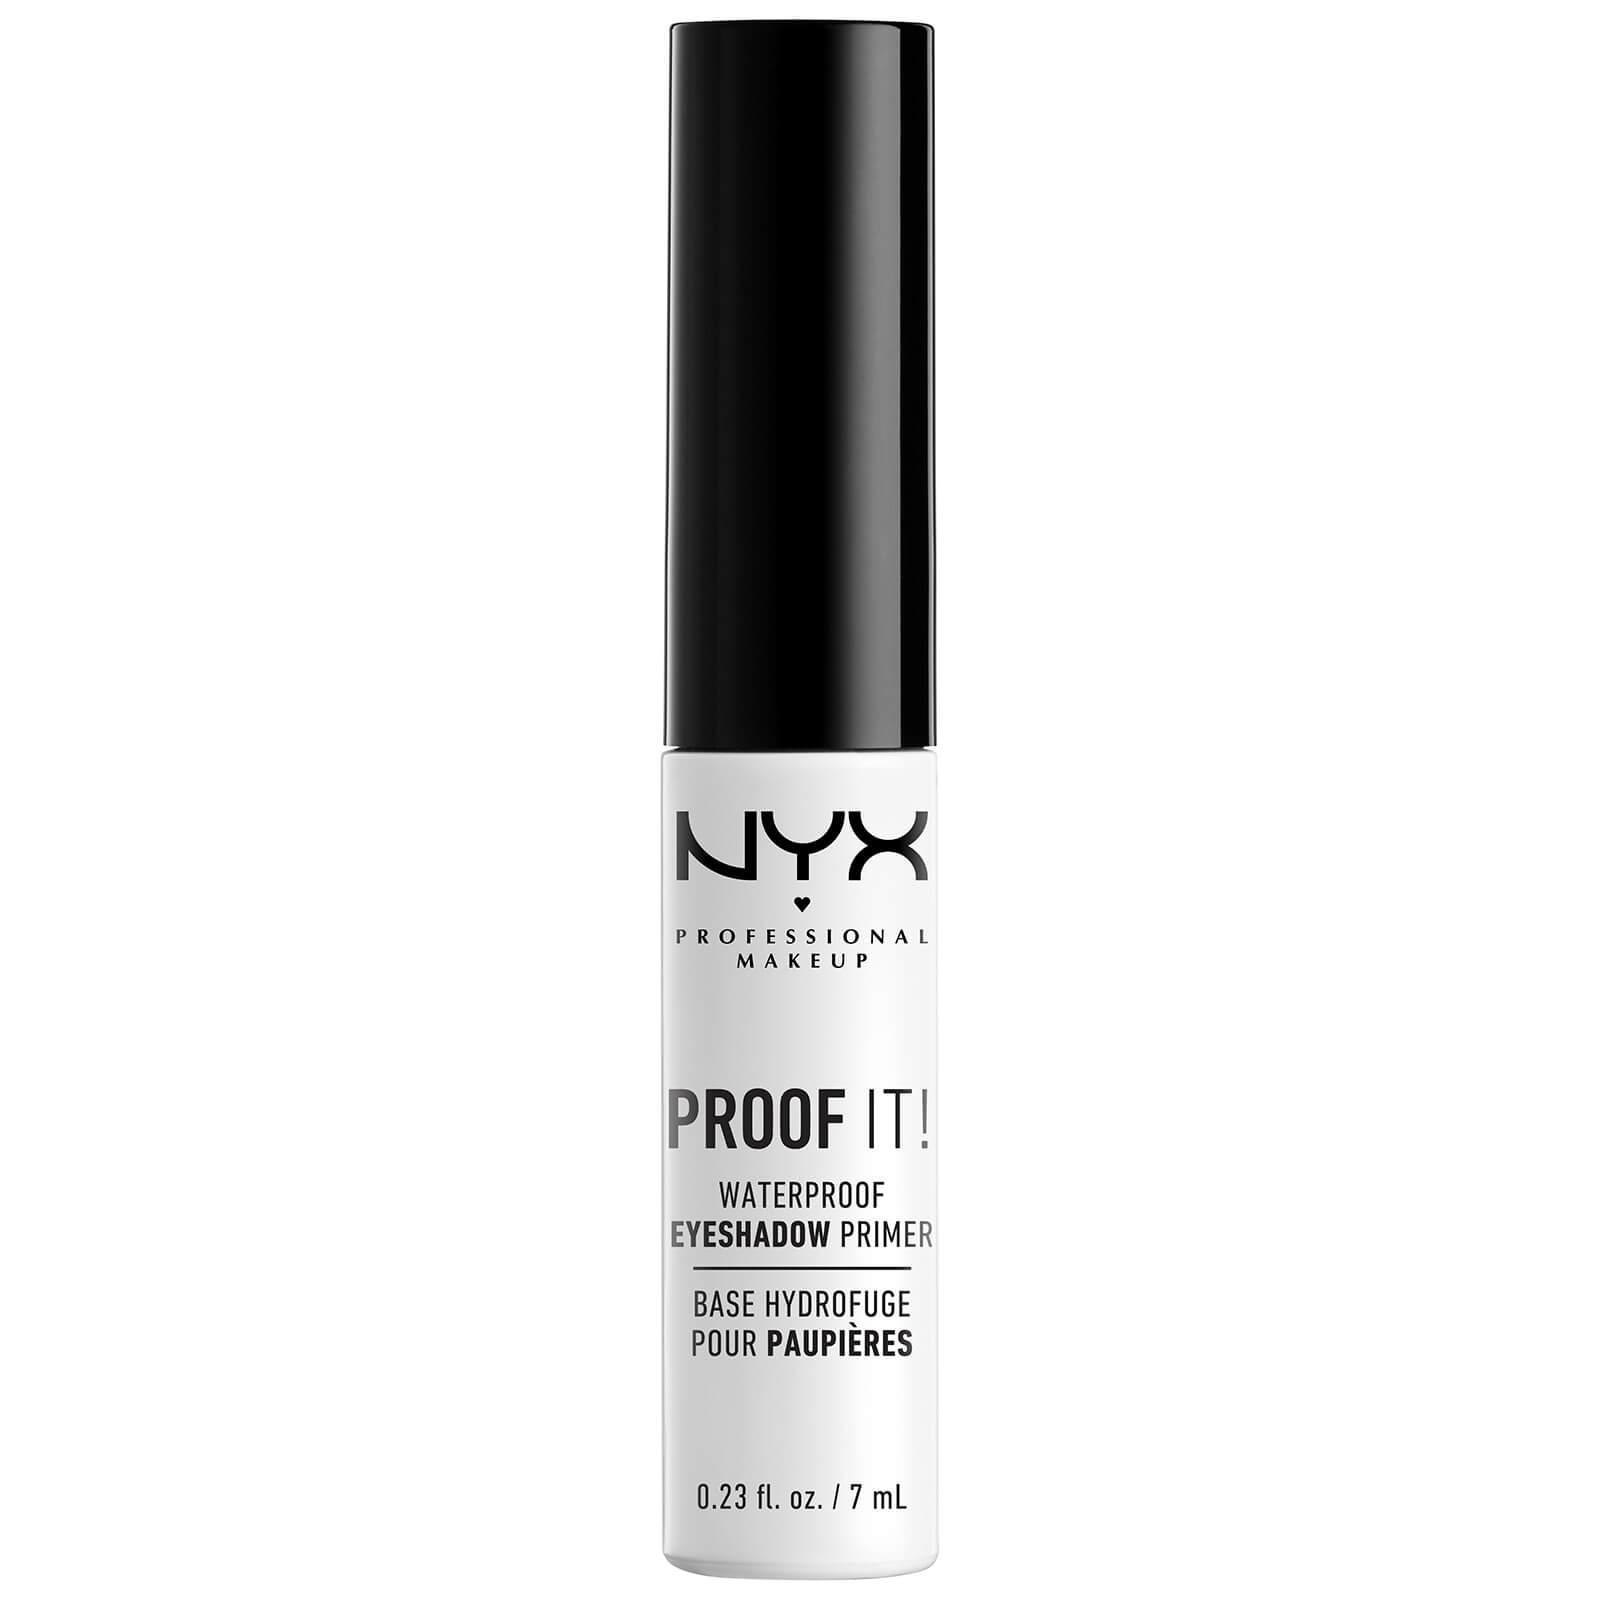 Водостойкая основа для век NYX Professional Makeup Proof It! - Waterproof Eye Shadow Primer  - Купить